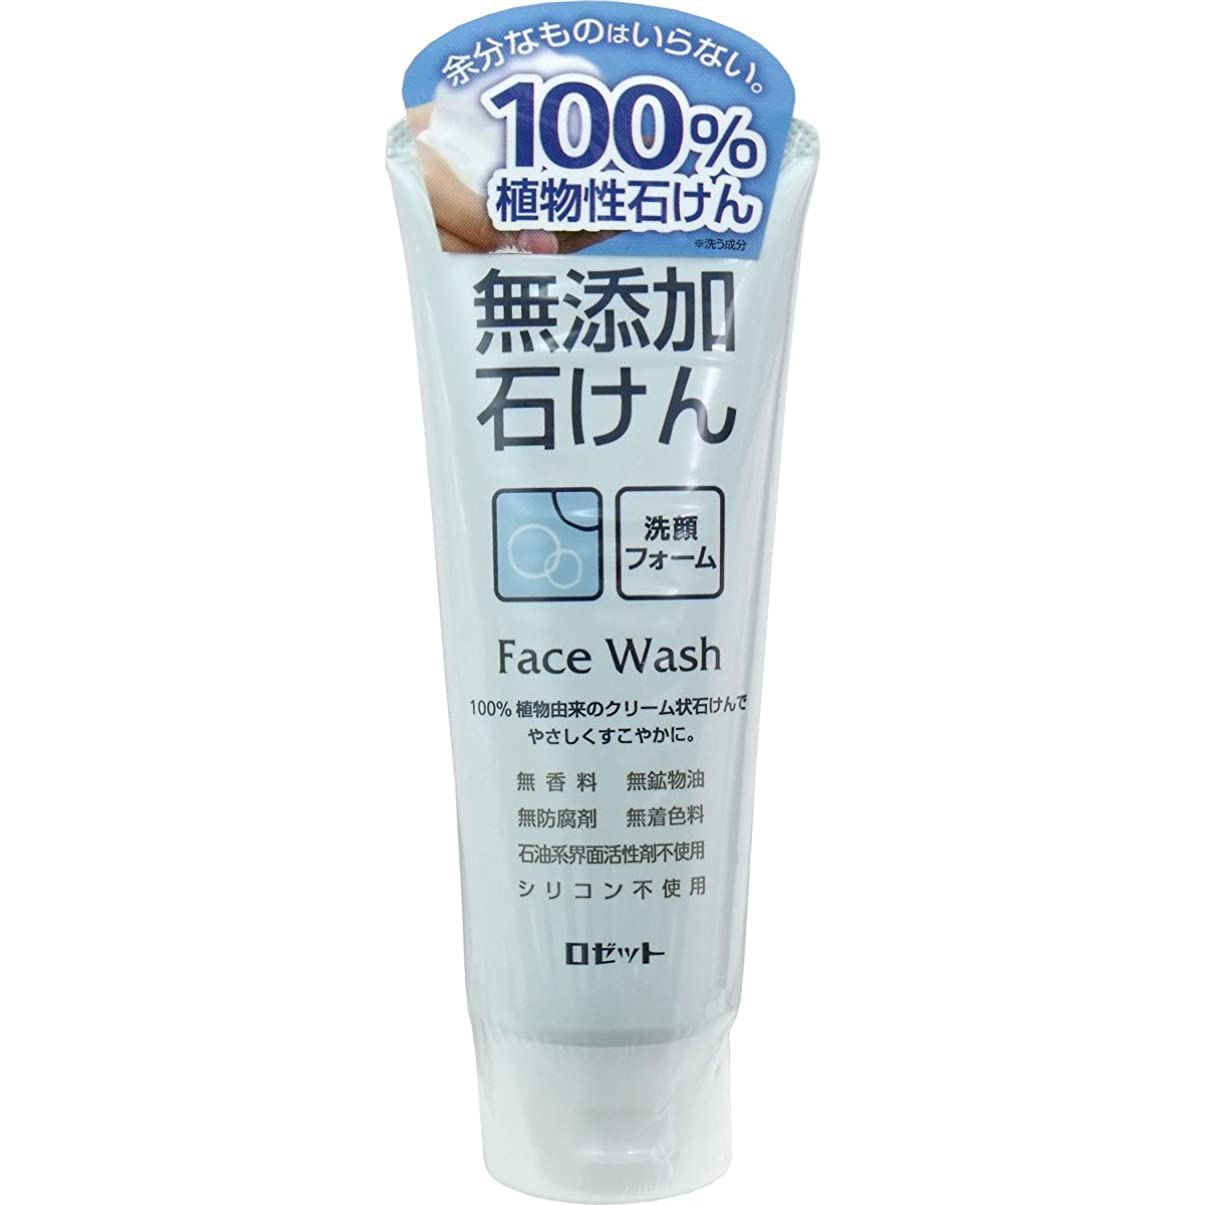 禁止する有力者スパイ【ロゼット】無添加石けん 洗顔フォーム 140g ×3個セット